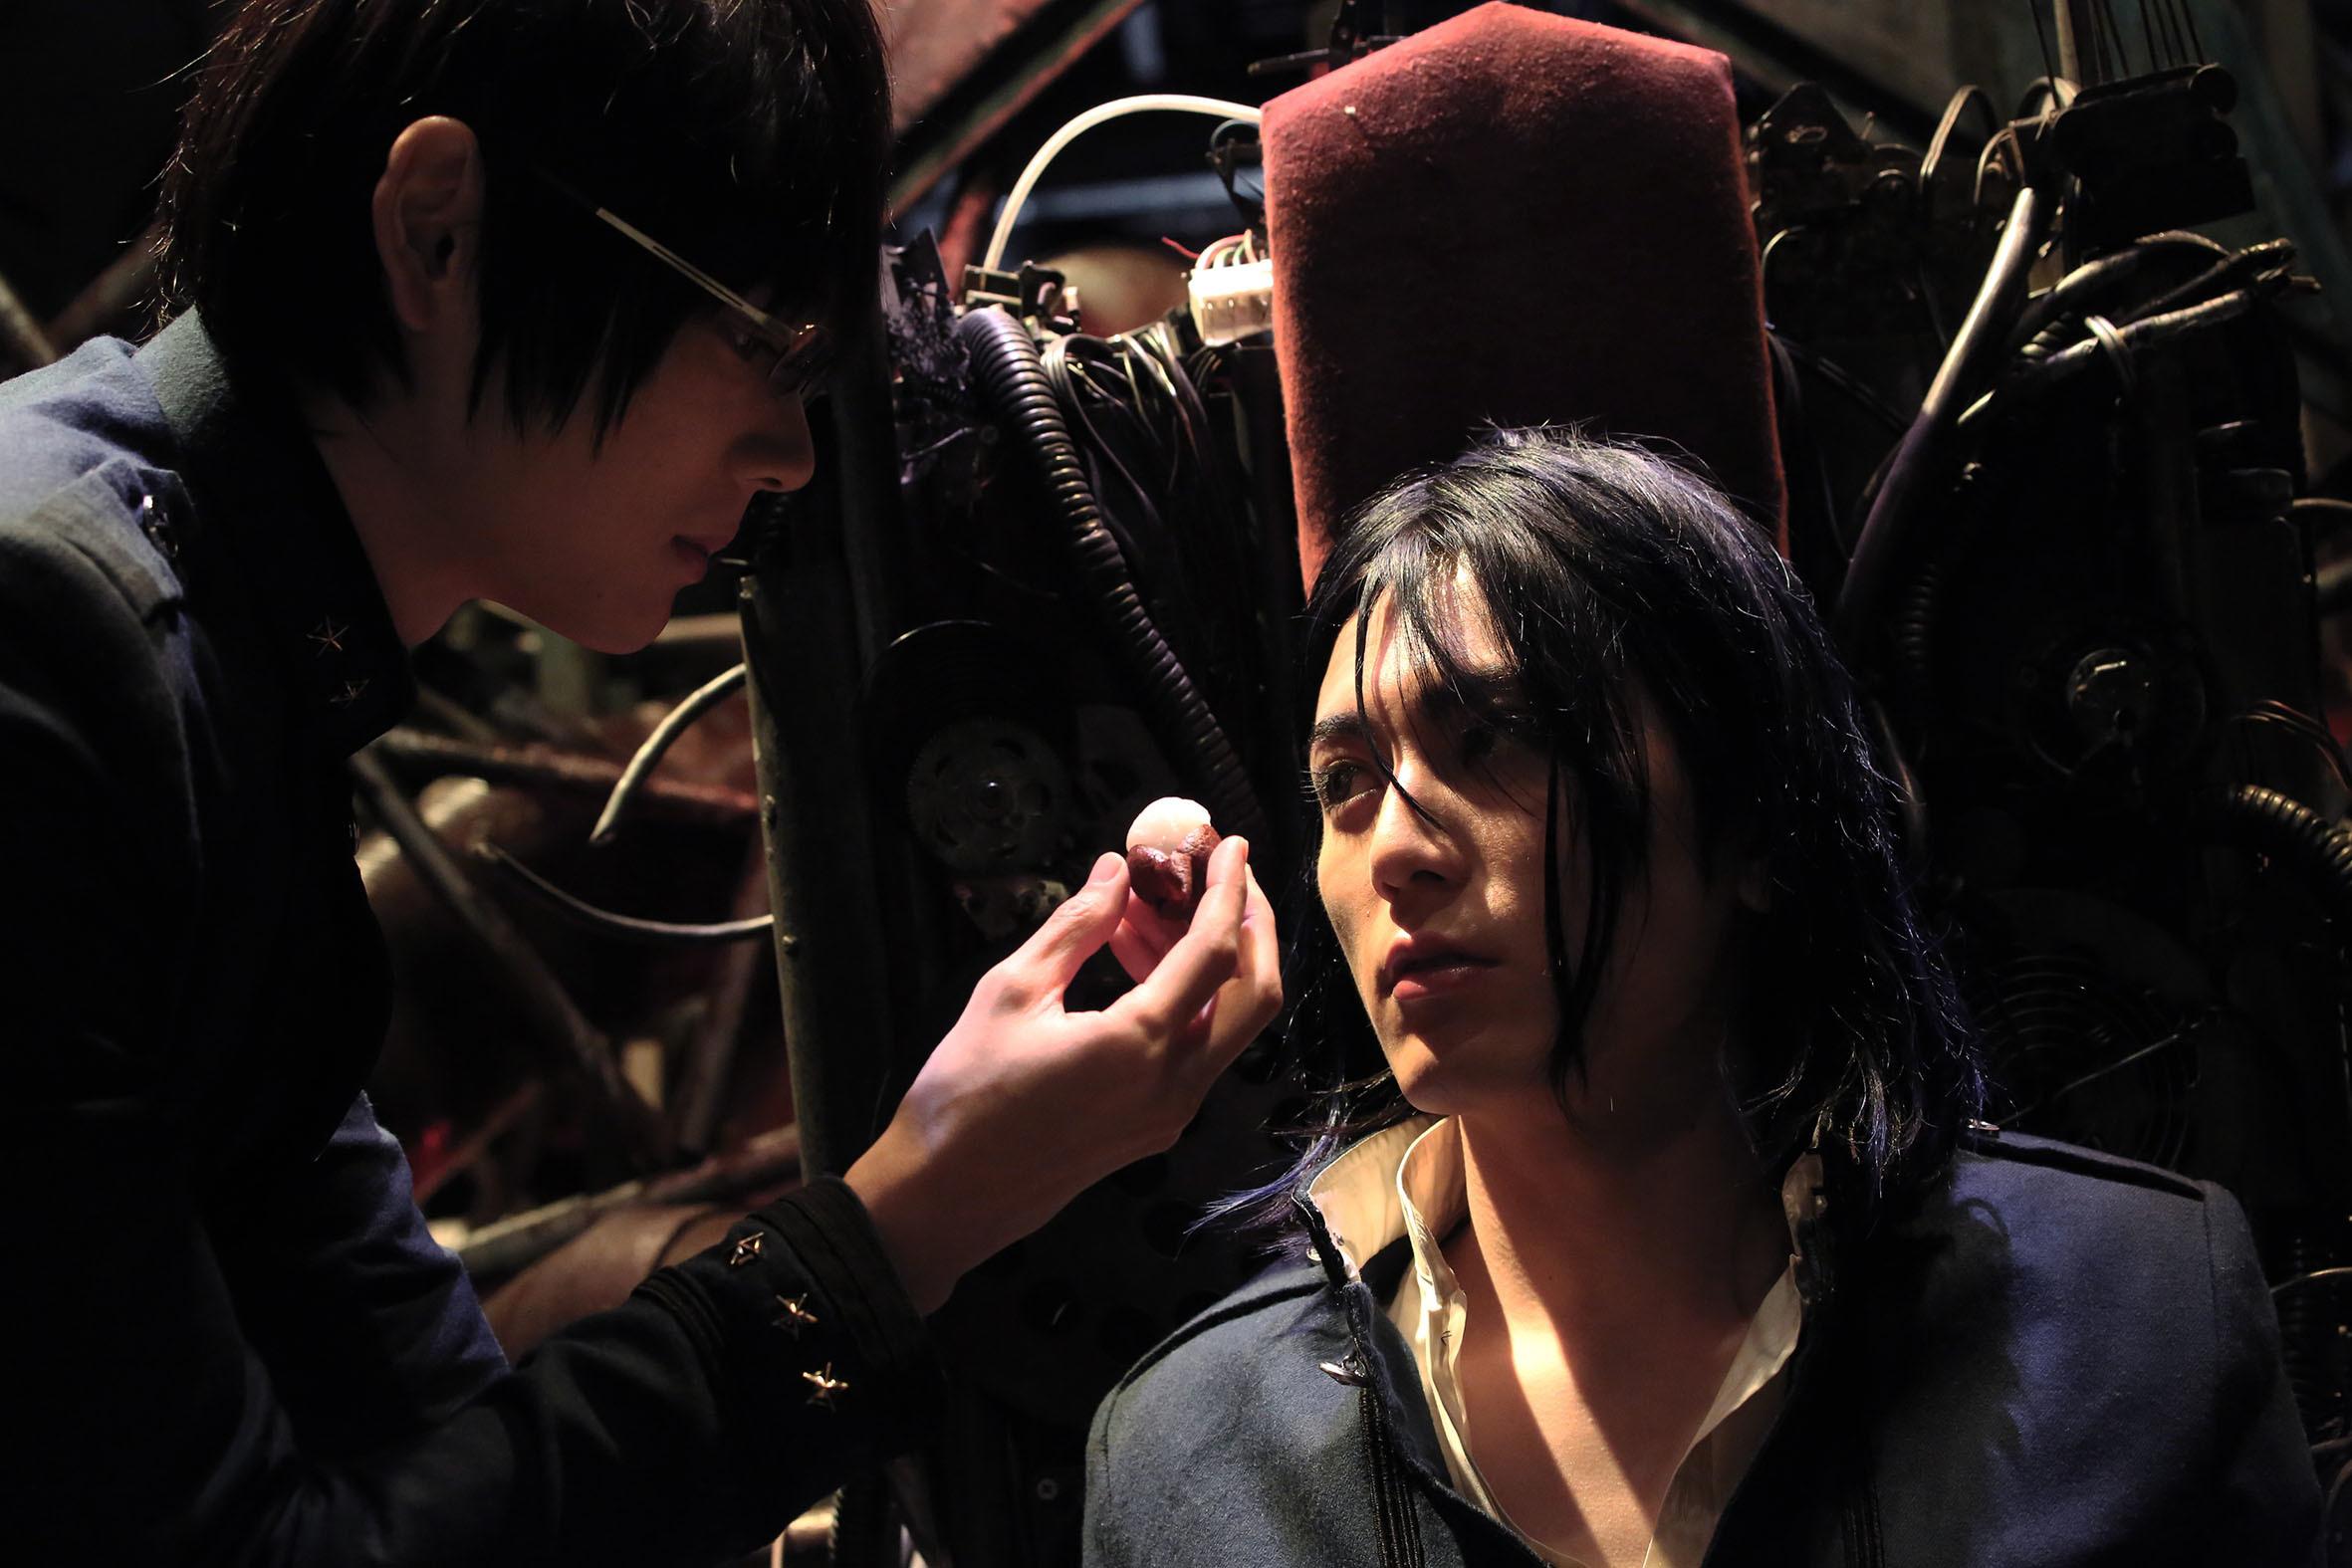 ジャイボ(間宮祥太朗)にせまるゼラ(古川雄輝) (C)2015『ライチ☆光クラブ』製作委員会